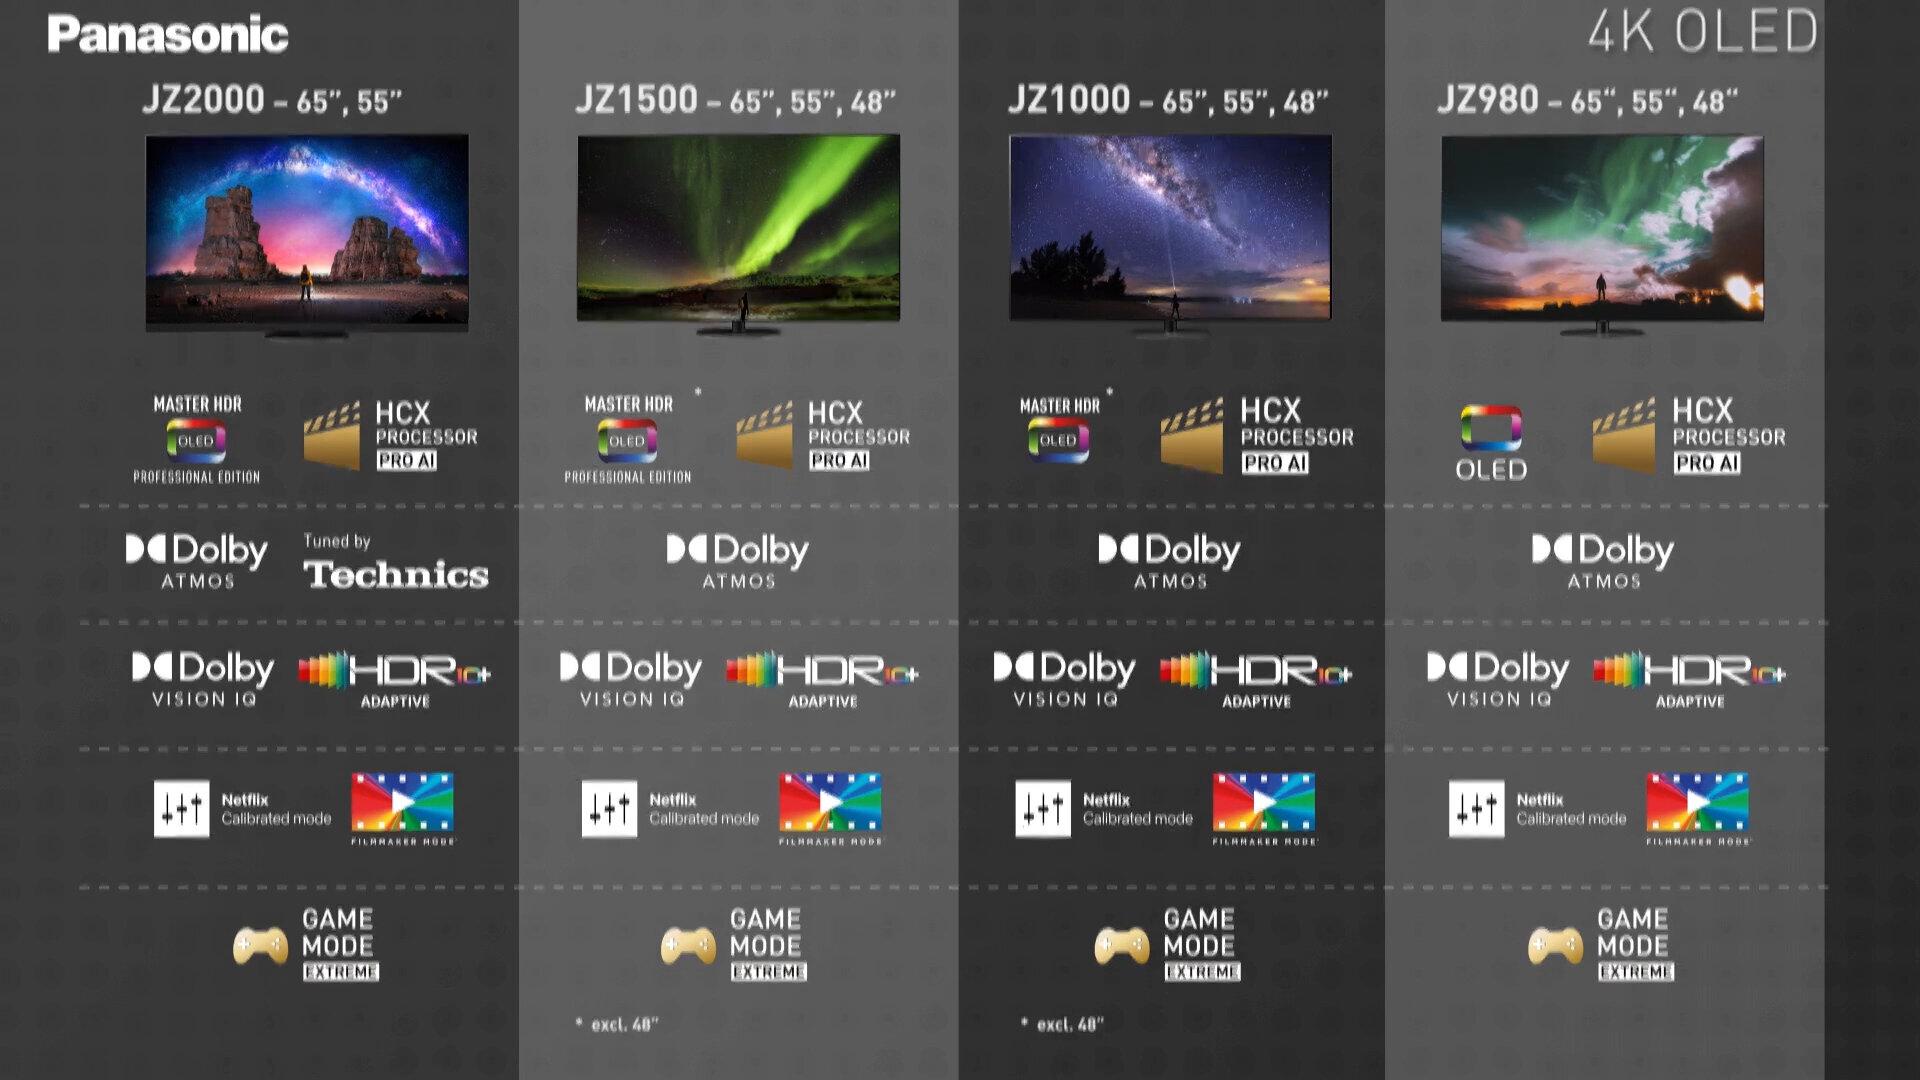 Die neuen OLED-Fernseher im Vergleich